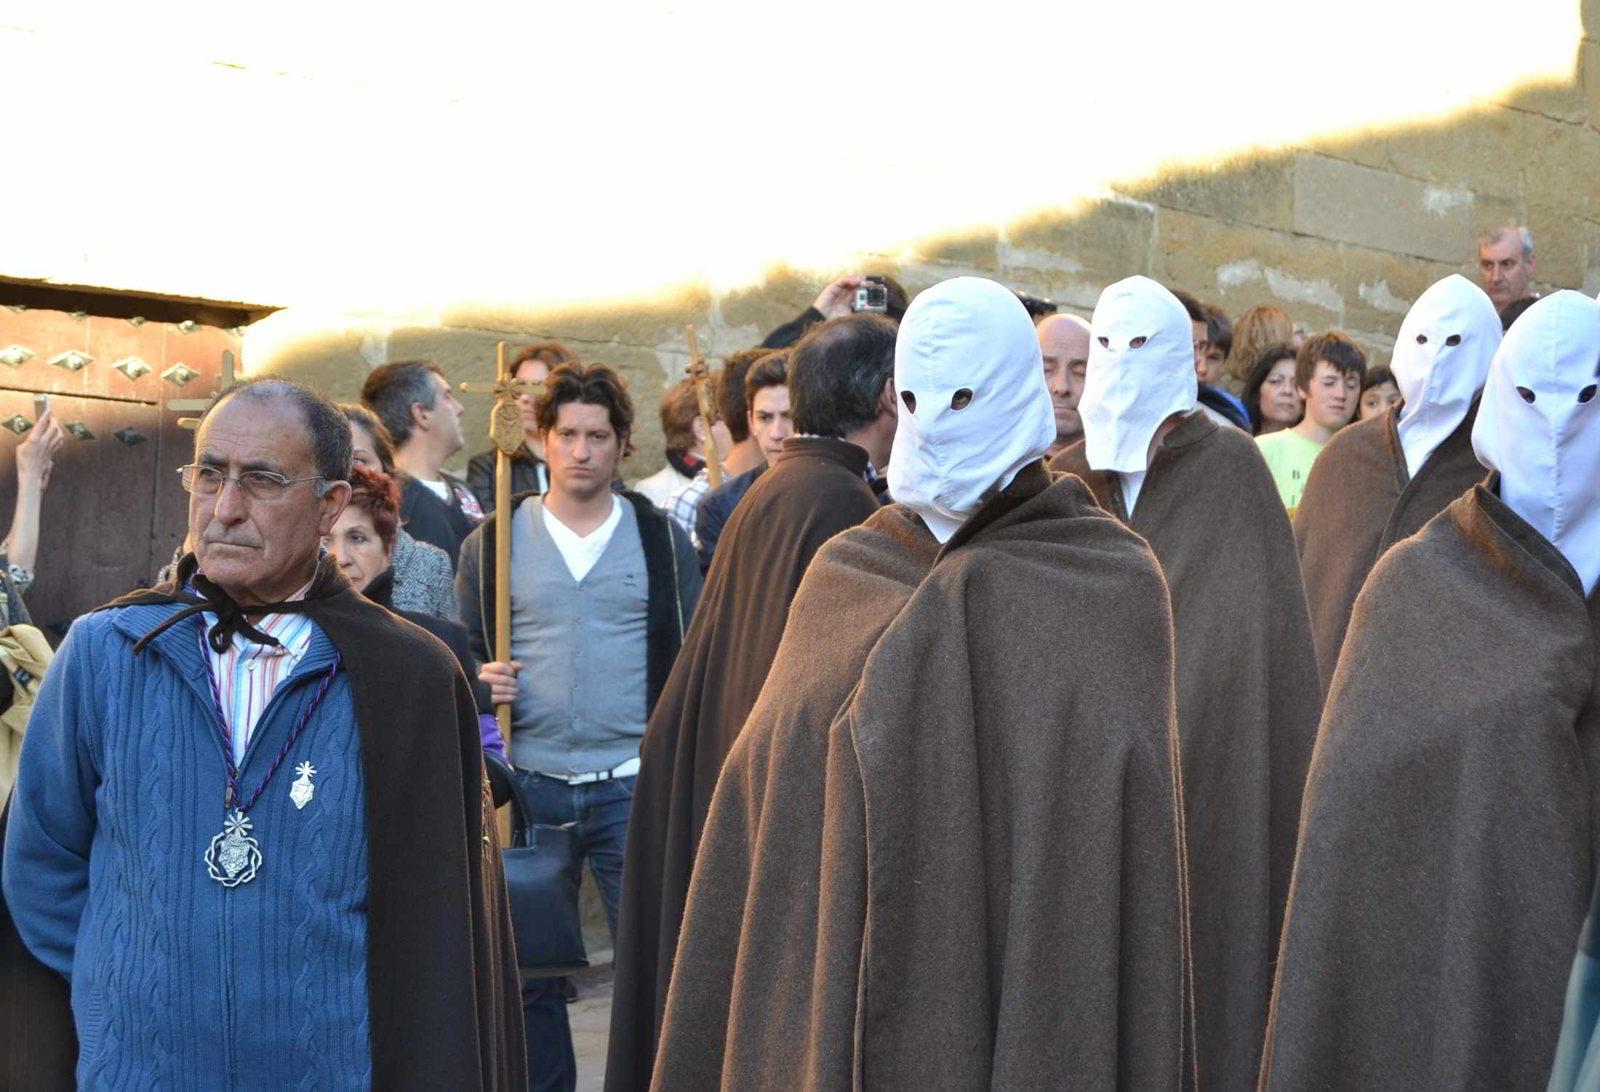 El rito de los Picaos de San Vicente de la Sonsierra en una sociedad líquida